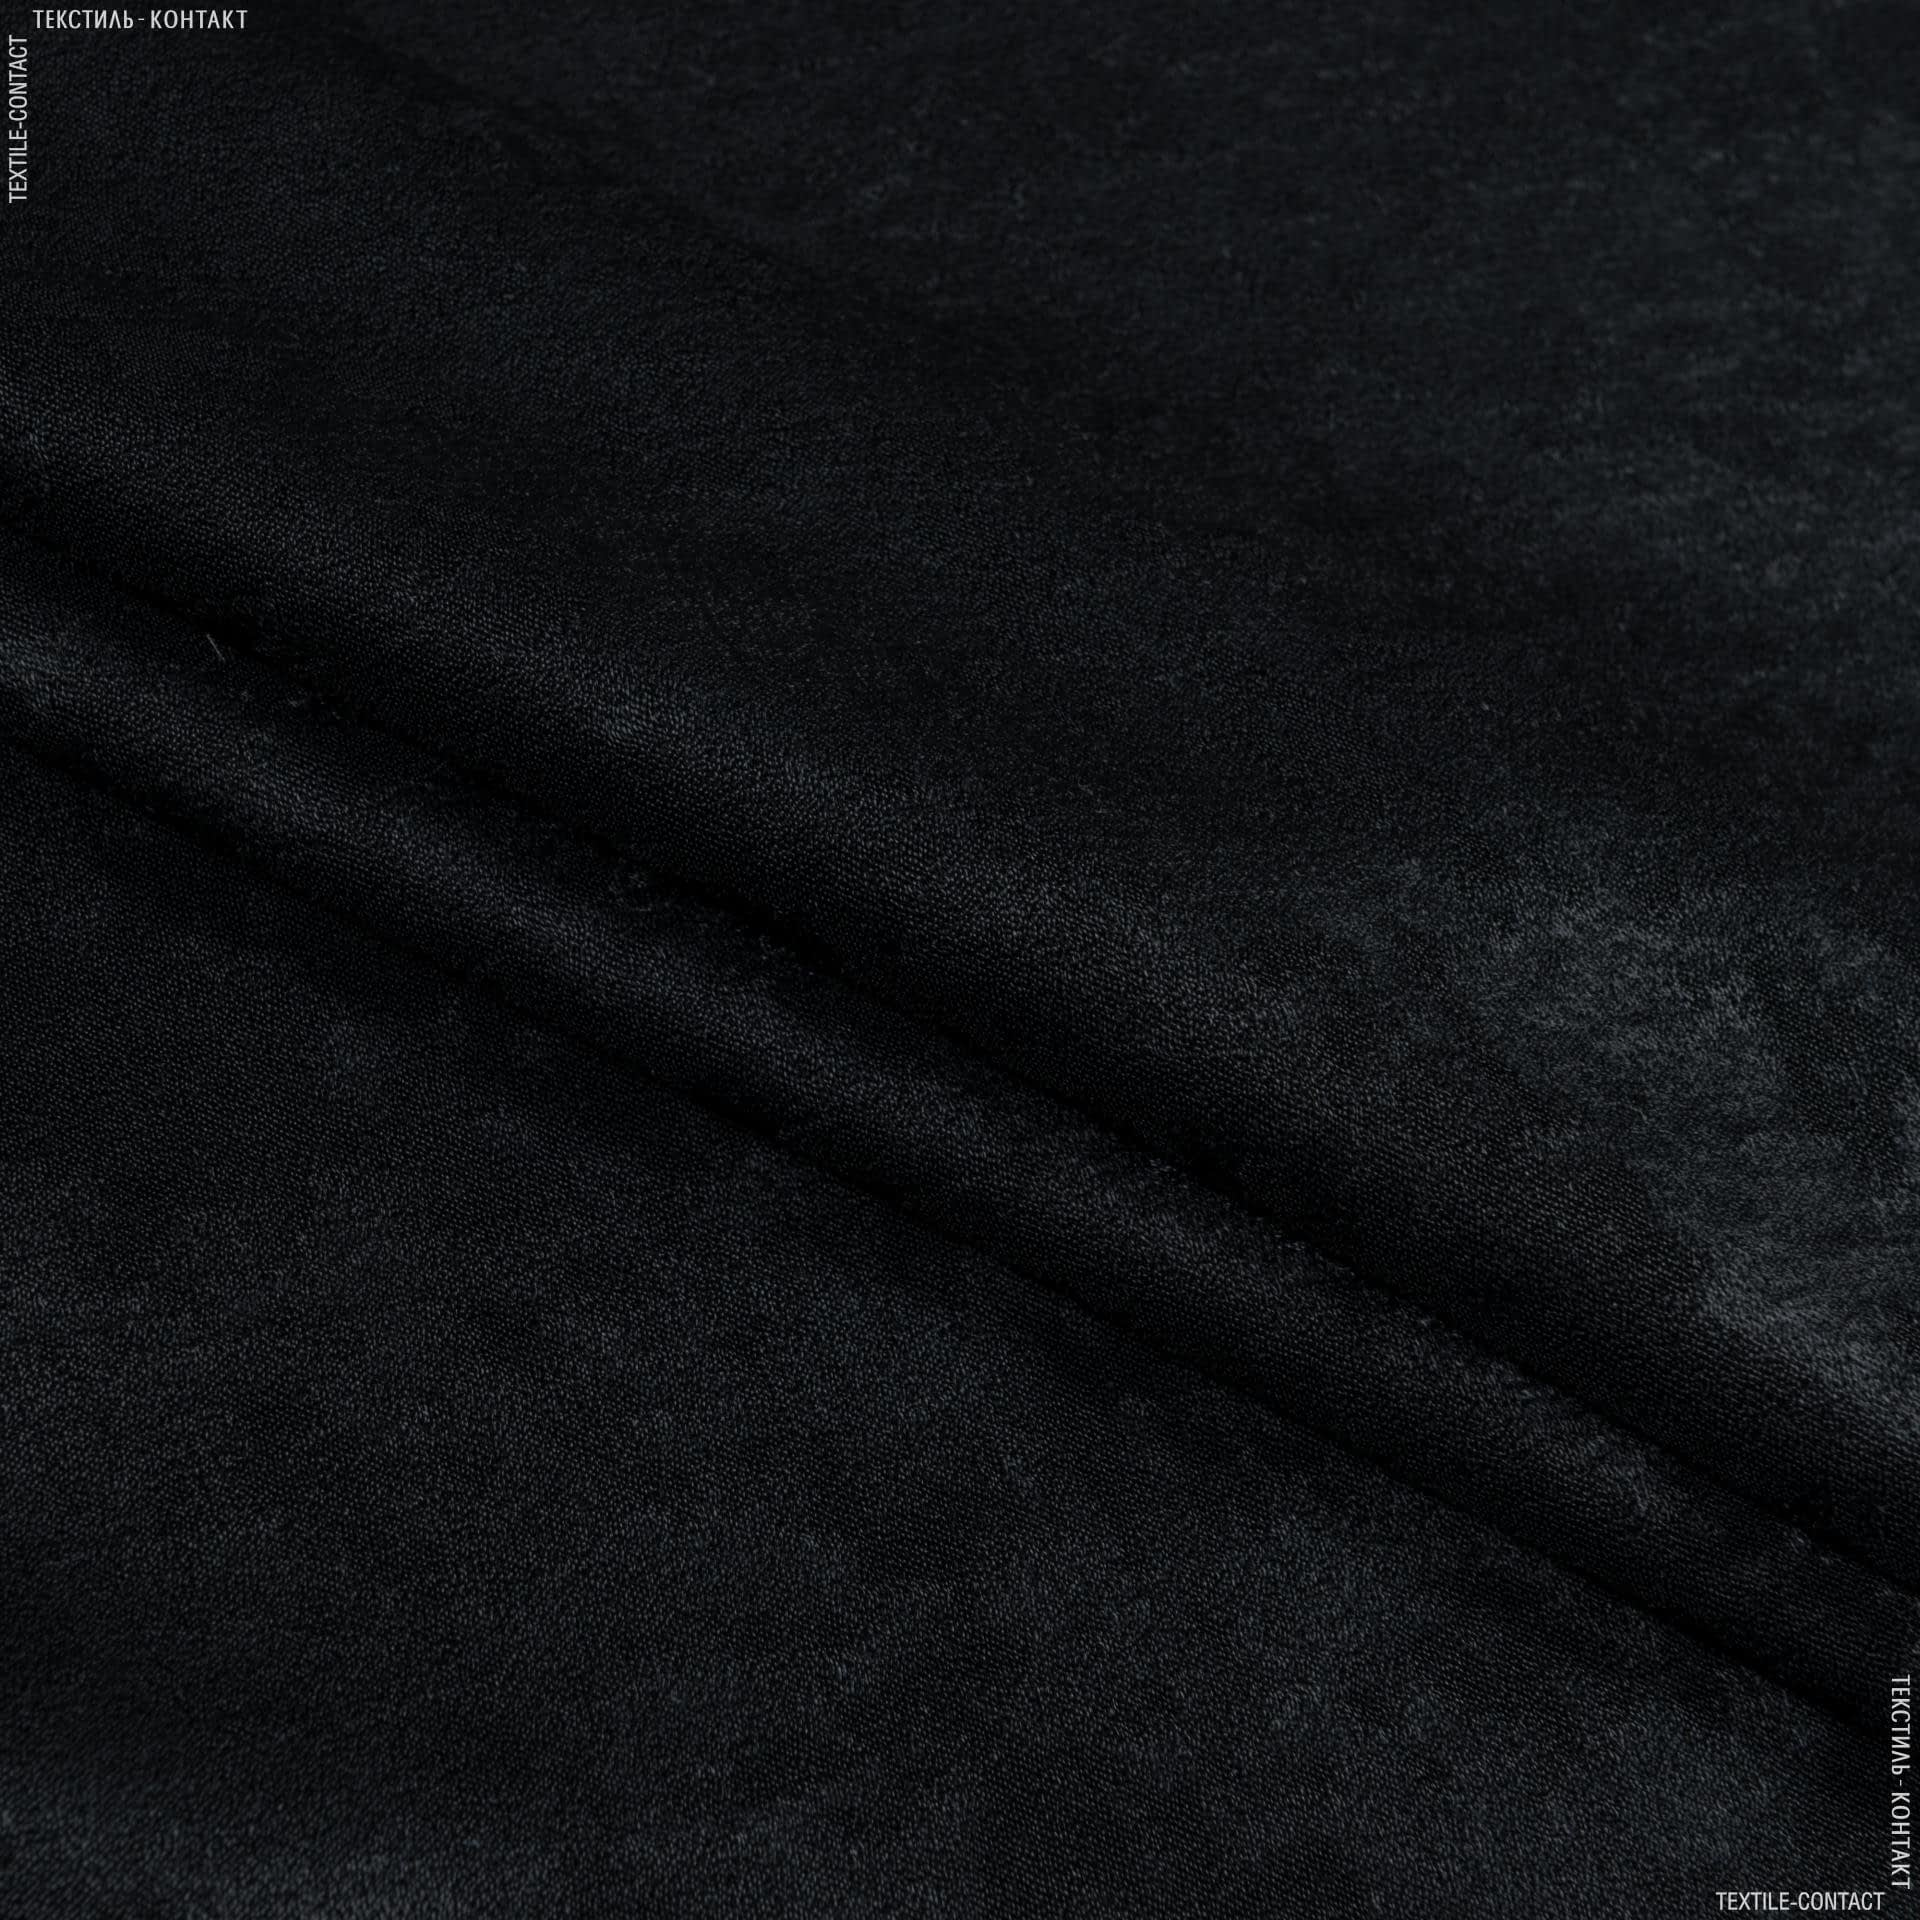 Тканини портьєрні тканини - Чін-чіла софт мрамор вогнетривка fr/ чорний